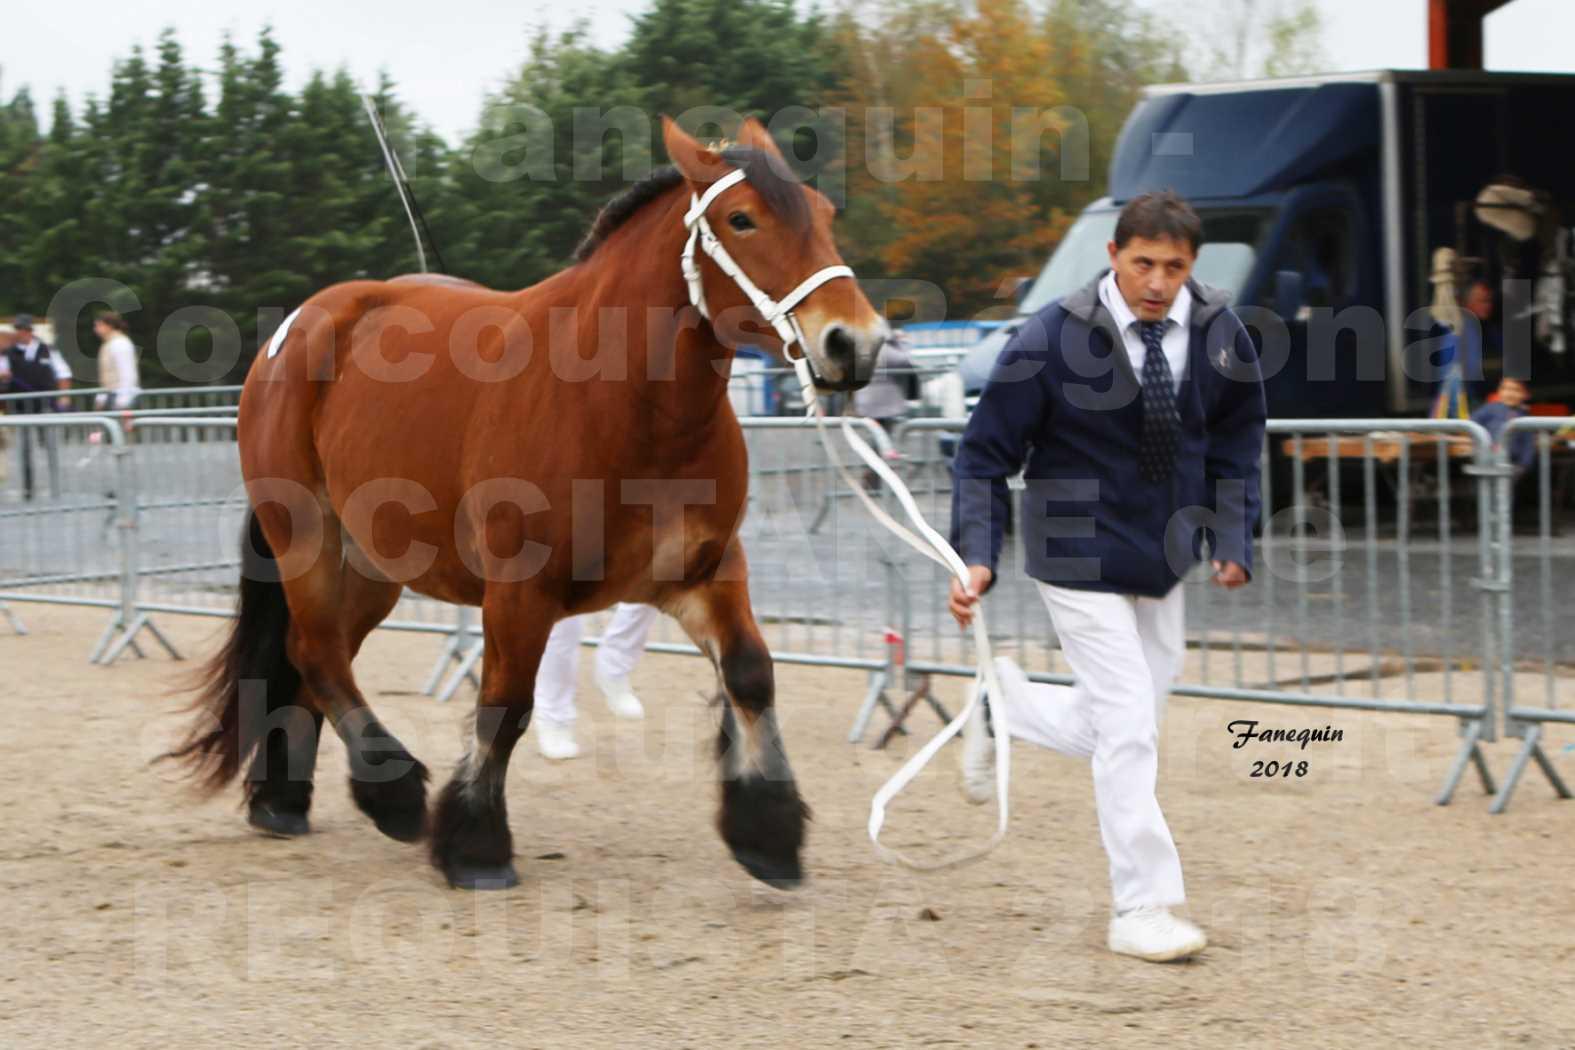 Concours Régional OCCITANIE de chevaux de traits à REQUISTA - COMETE DE GRILLOLES - 1